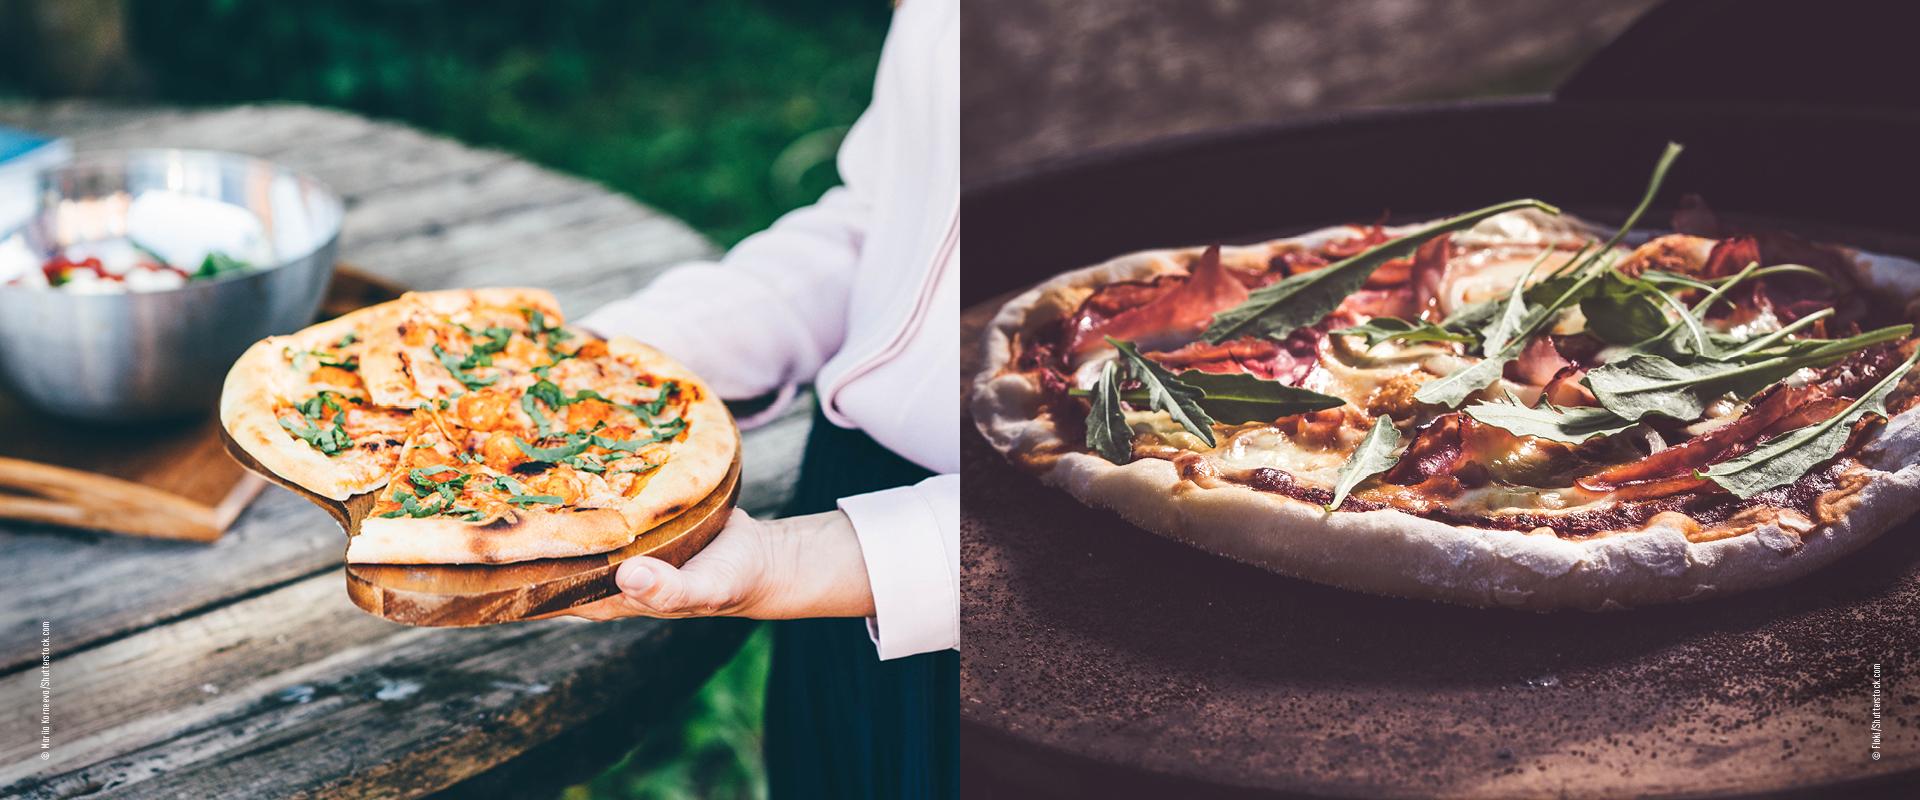 Pizza serviert im Garten